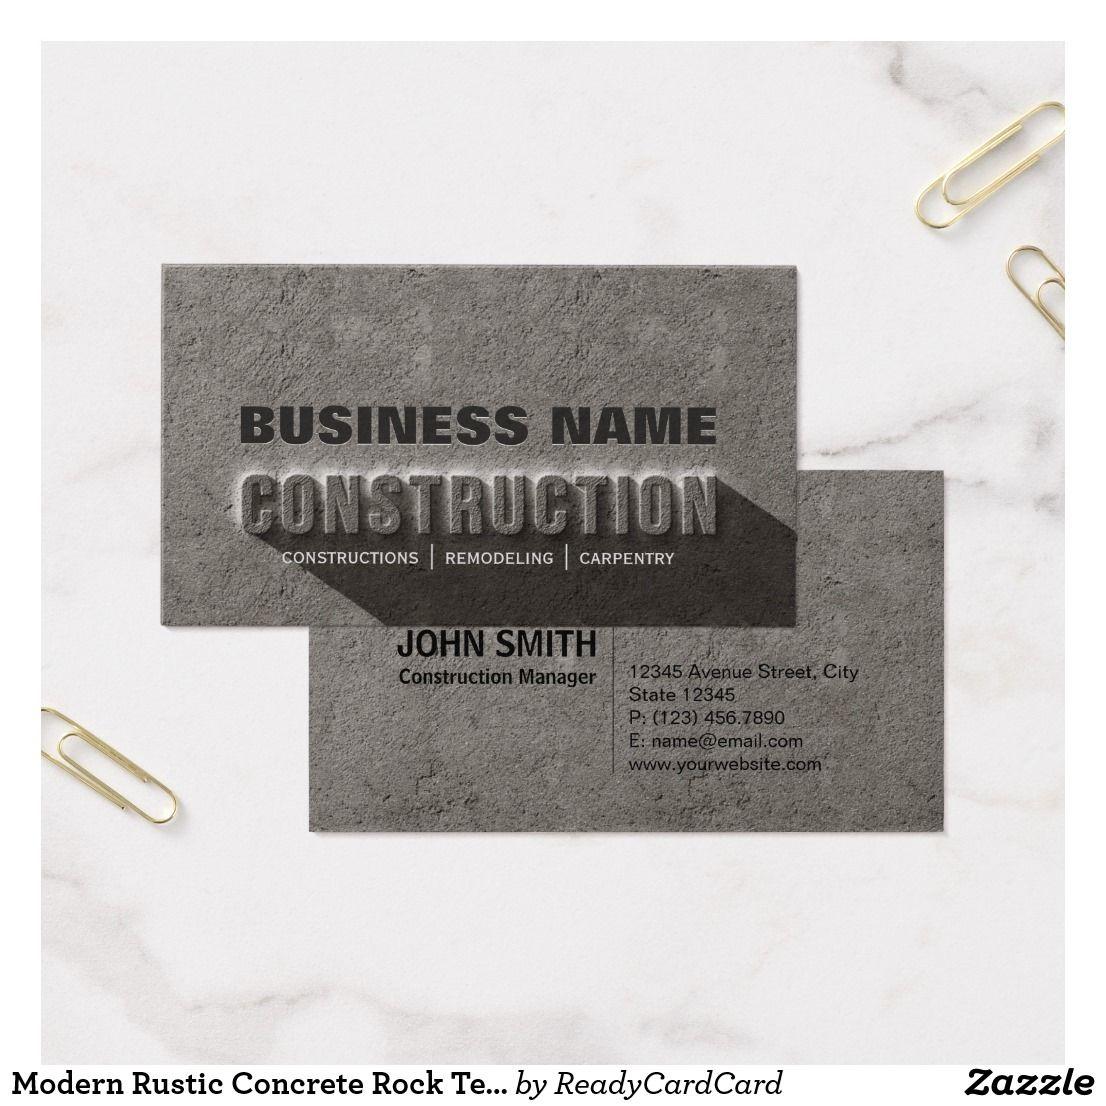 Modern Rustic Concrete Rock Text Construction Business Card Zazzle Com Construction Business Cards Business Cards Remodeling Business